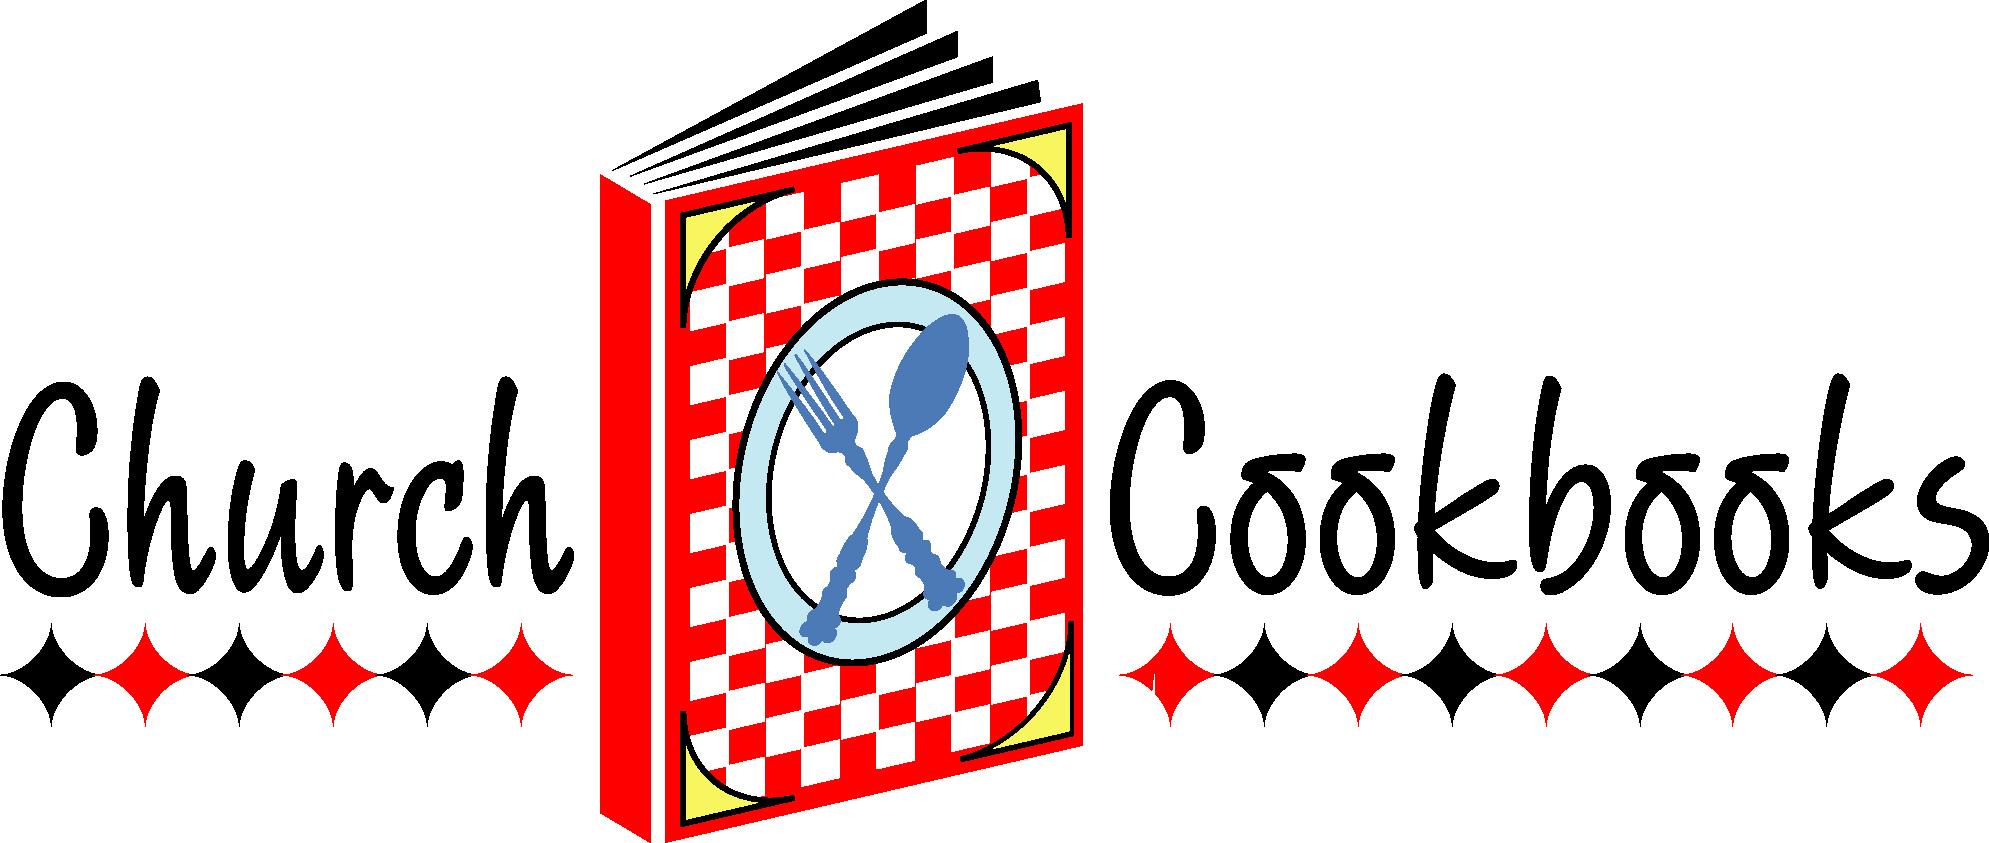 cookbk1c.jpg